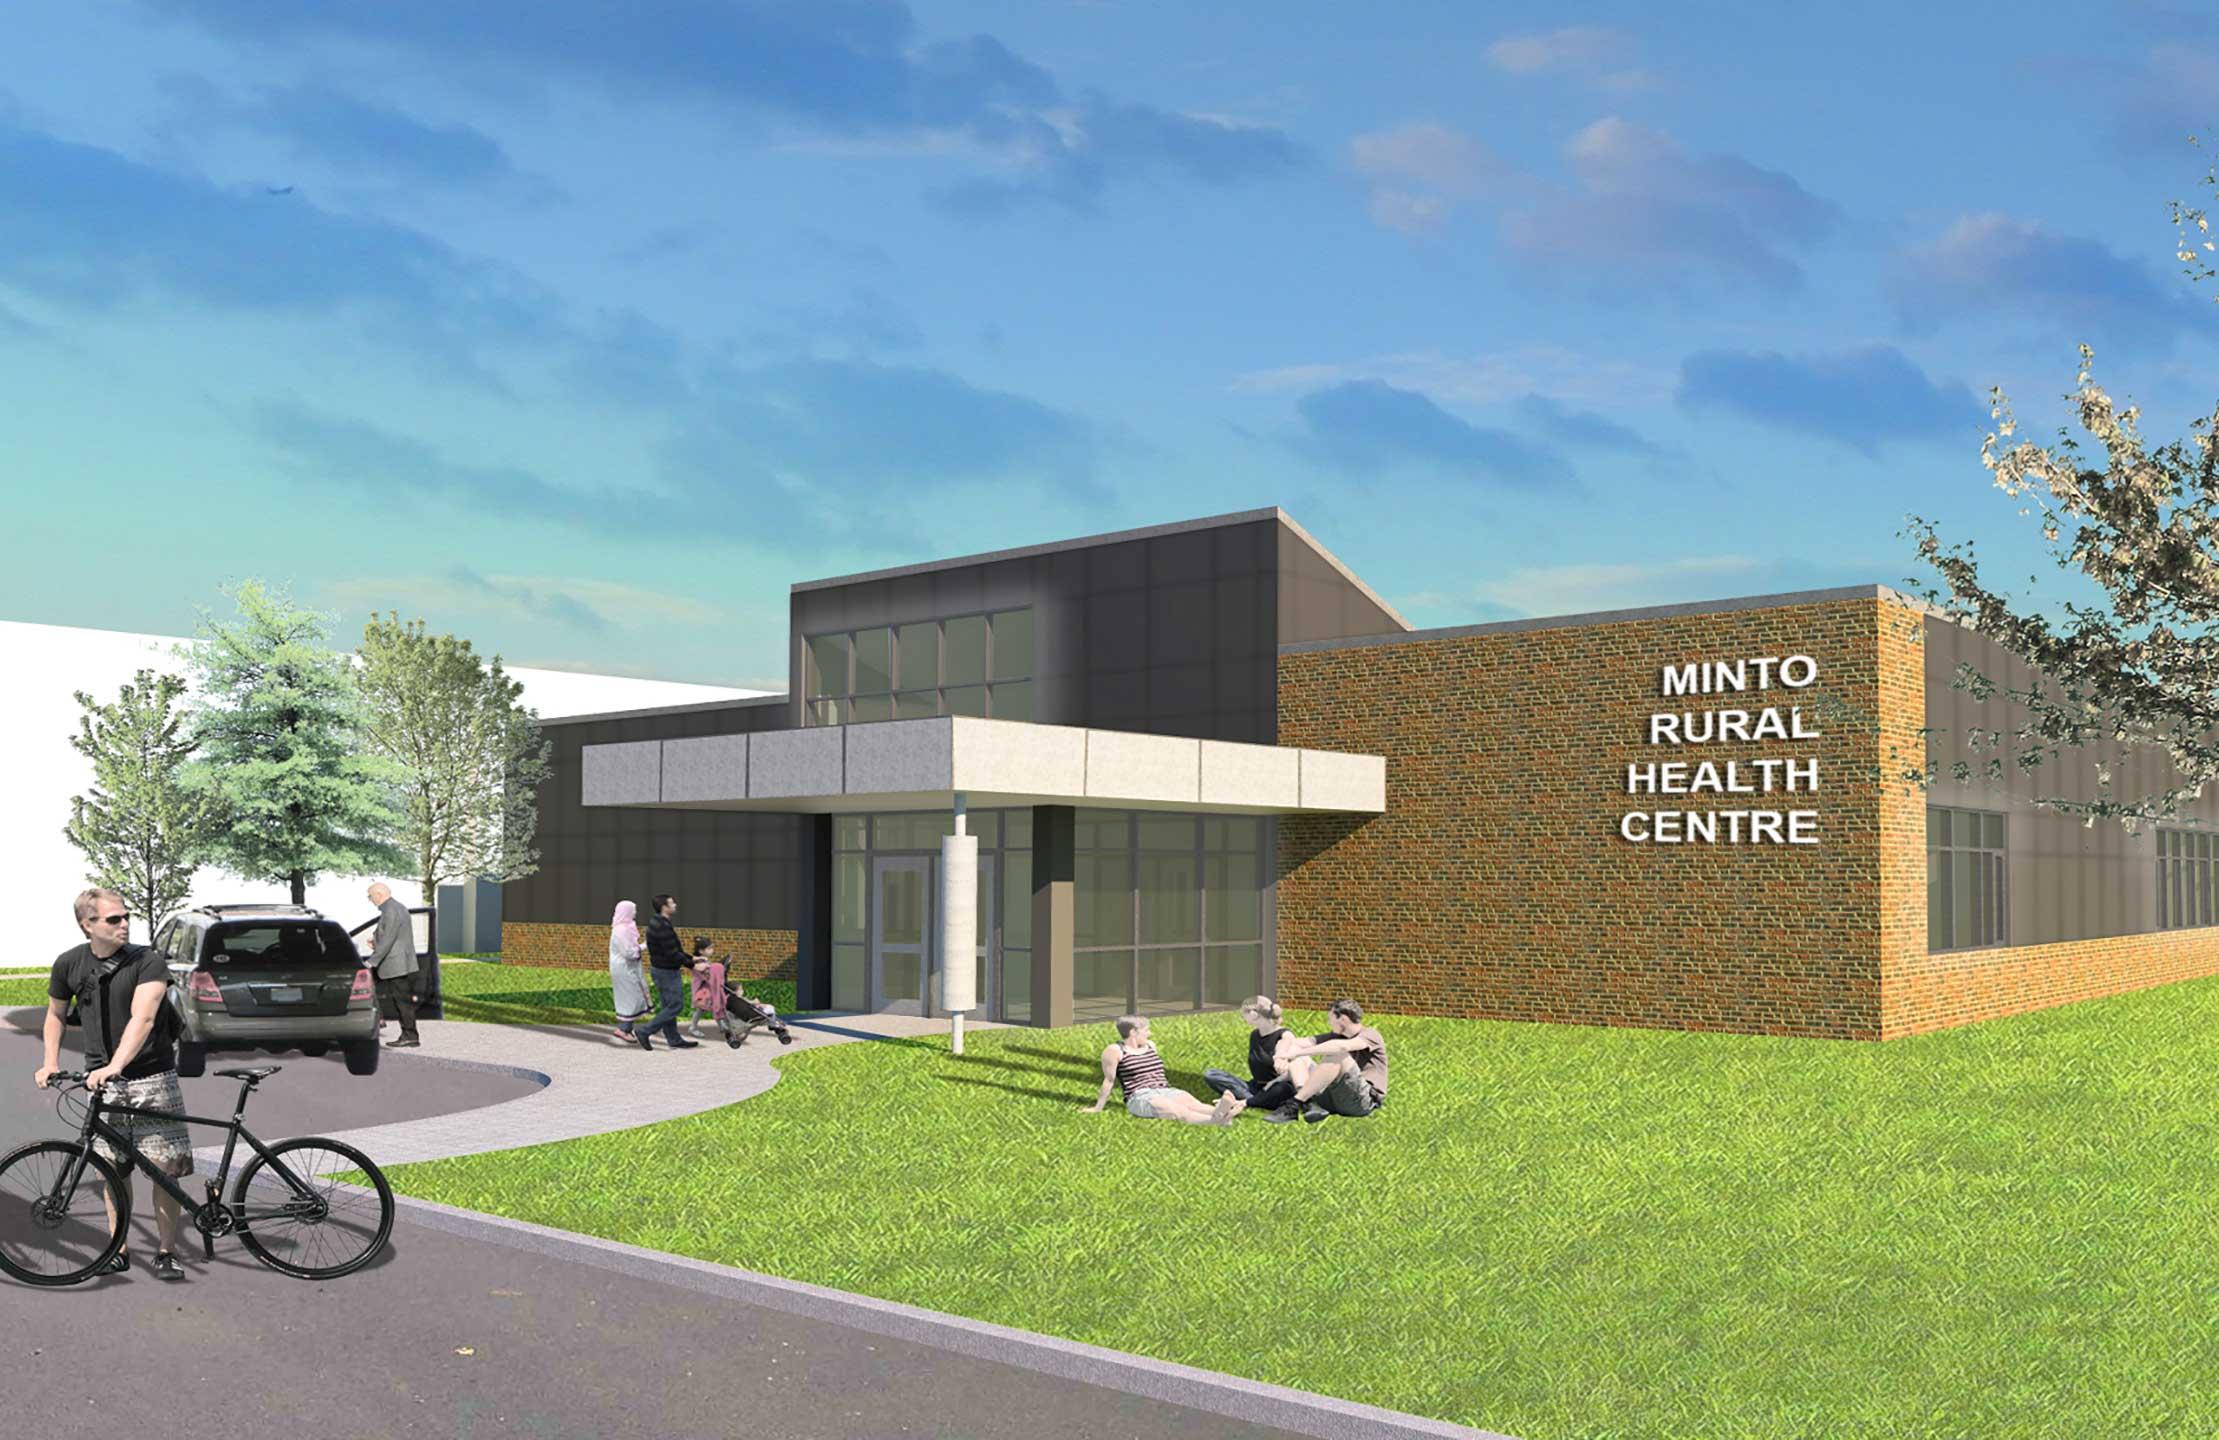 Minto Rural Health Centre